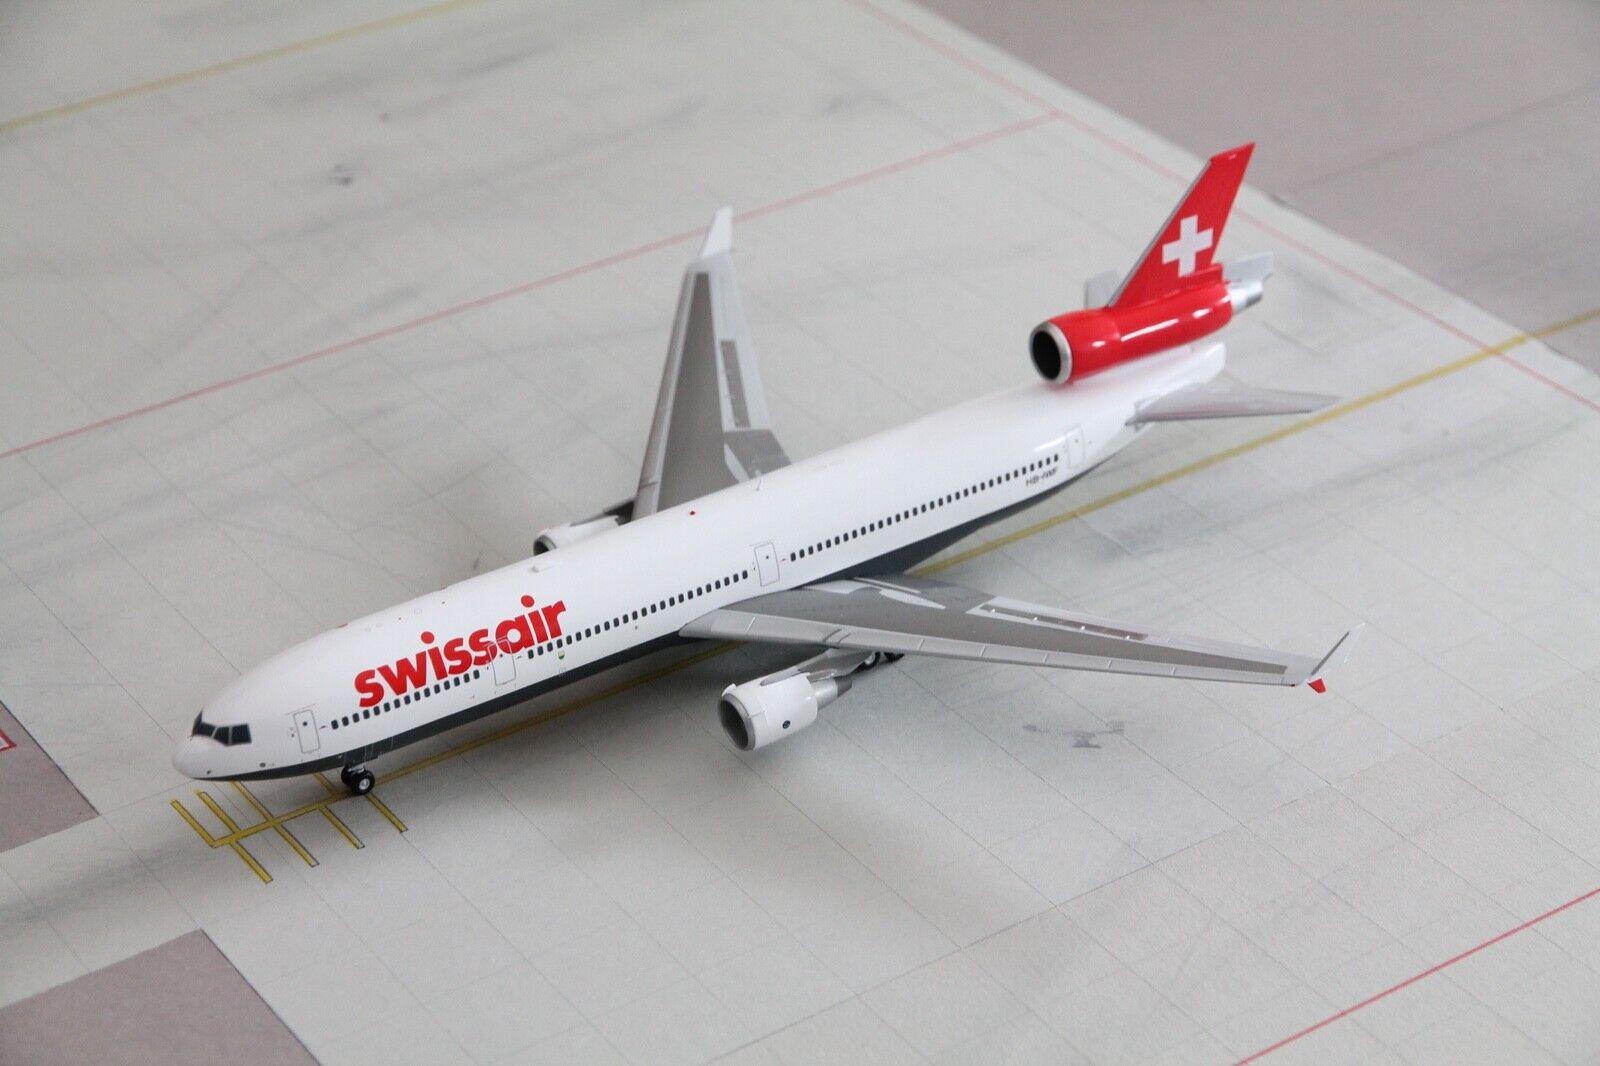 Jc Ailes 1 200 Swissair McDonnell Douglas MD-11 Hell Boy-IWF XX2125